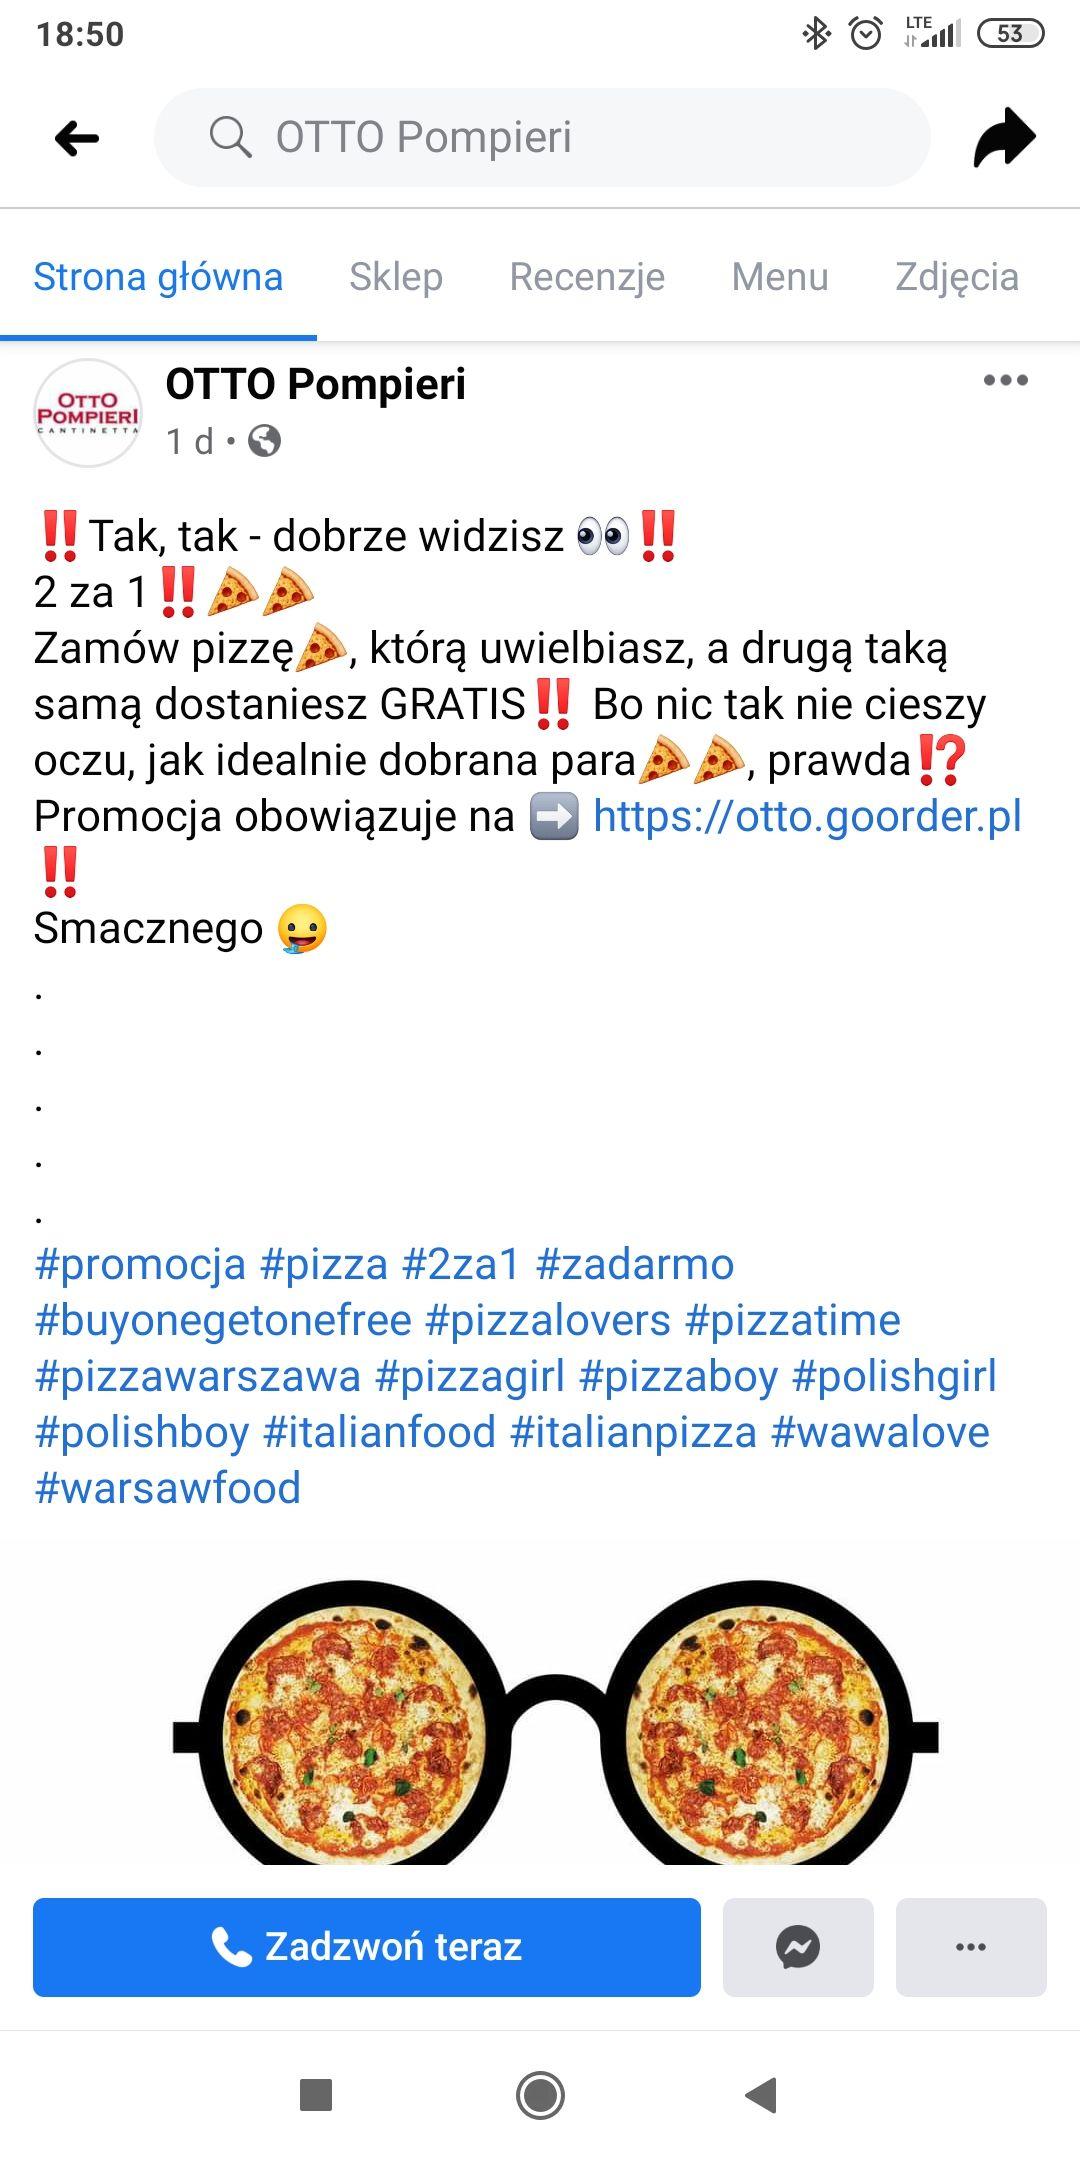 Otto Pompieri - dwie pizze w cenie jednej + puszka coca cola gratis. Warszawa Plac Bankowy